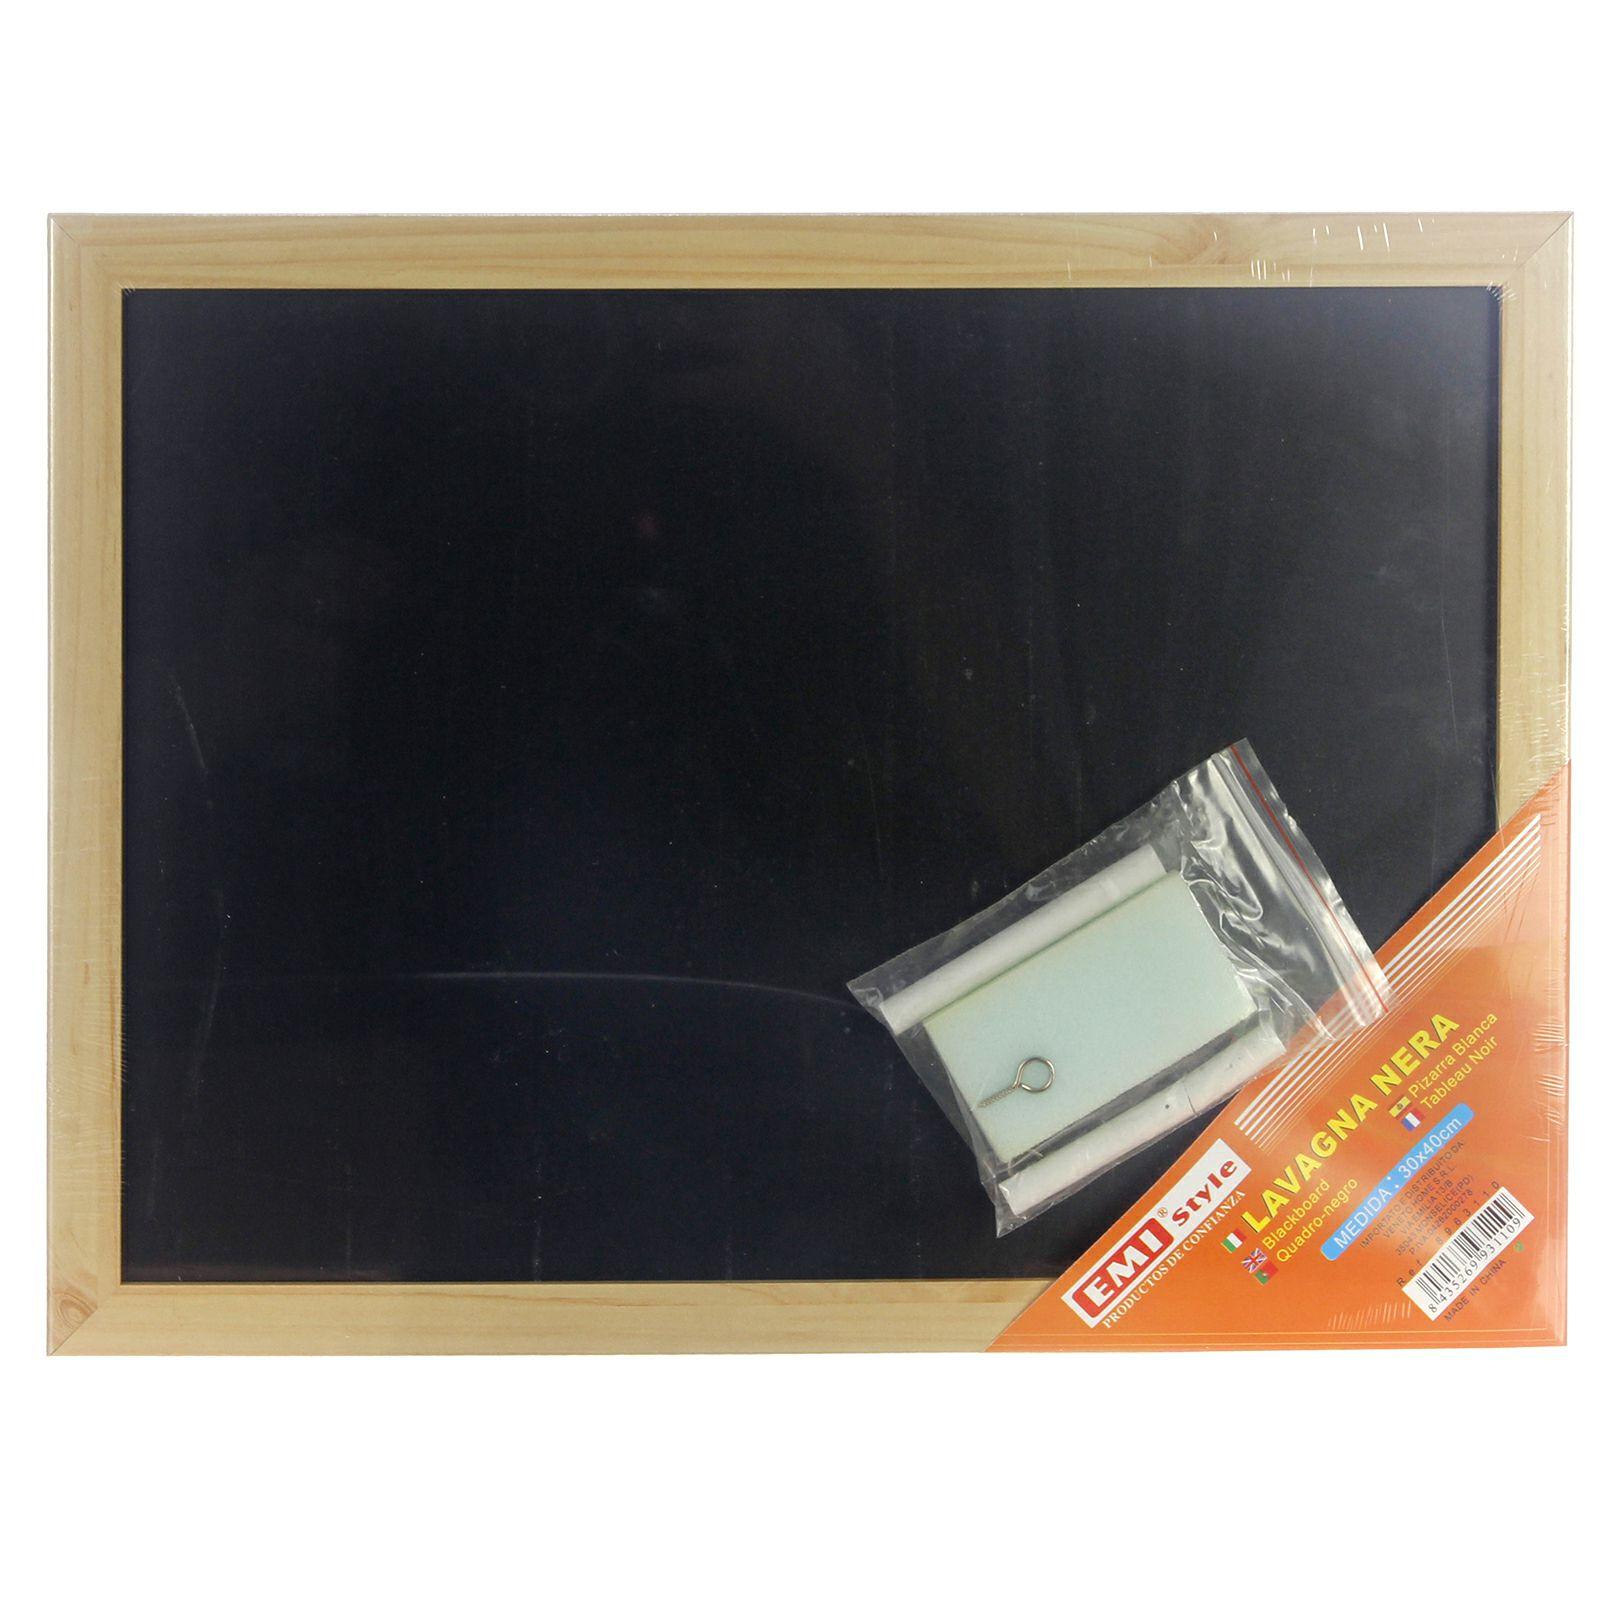 Lavagna Nera 40x60 cm